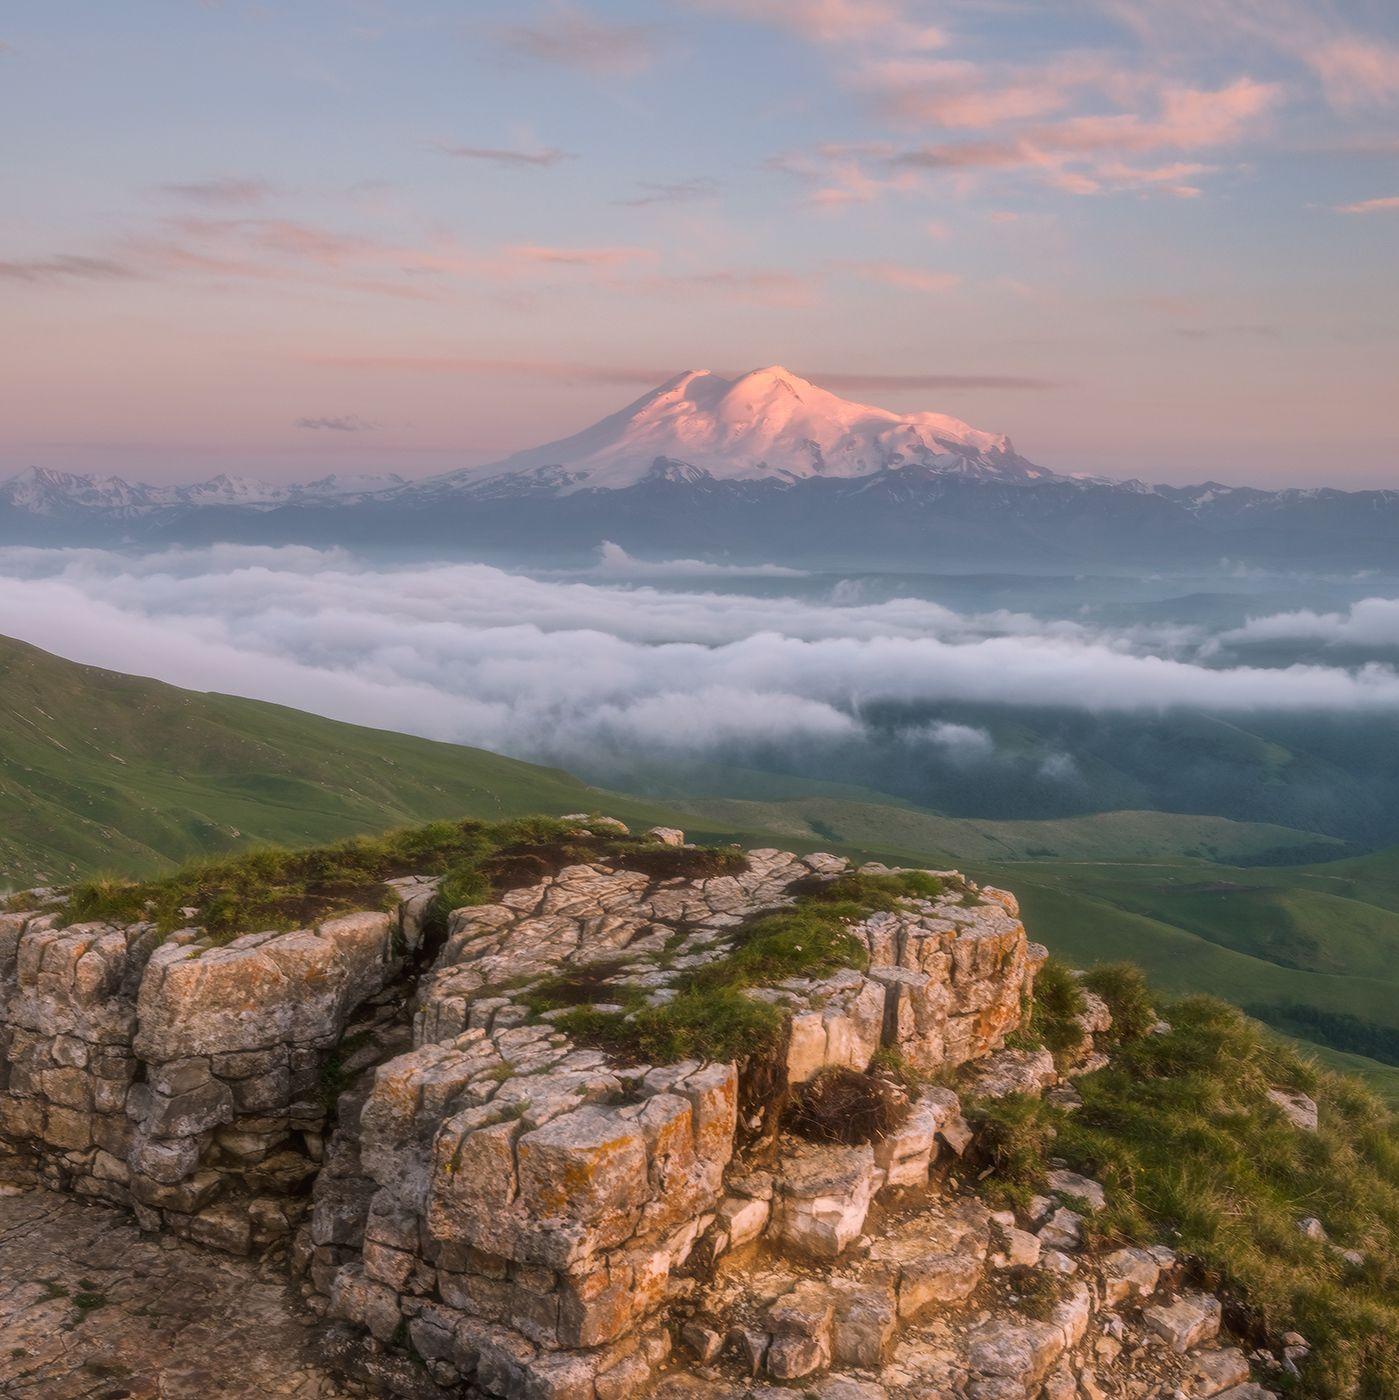 Бермамыт. Вид на Эльбрус. Северный кавказ карачаево-черкесия бермамыт эльбрус закат июнь